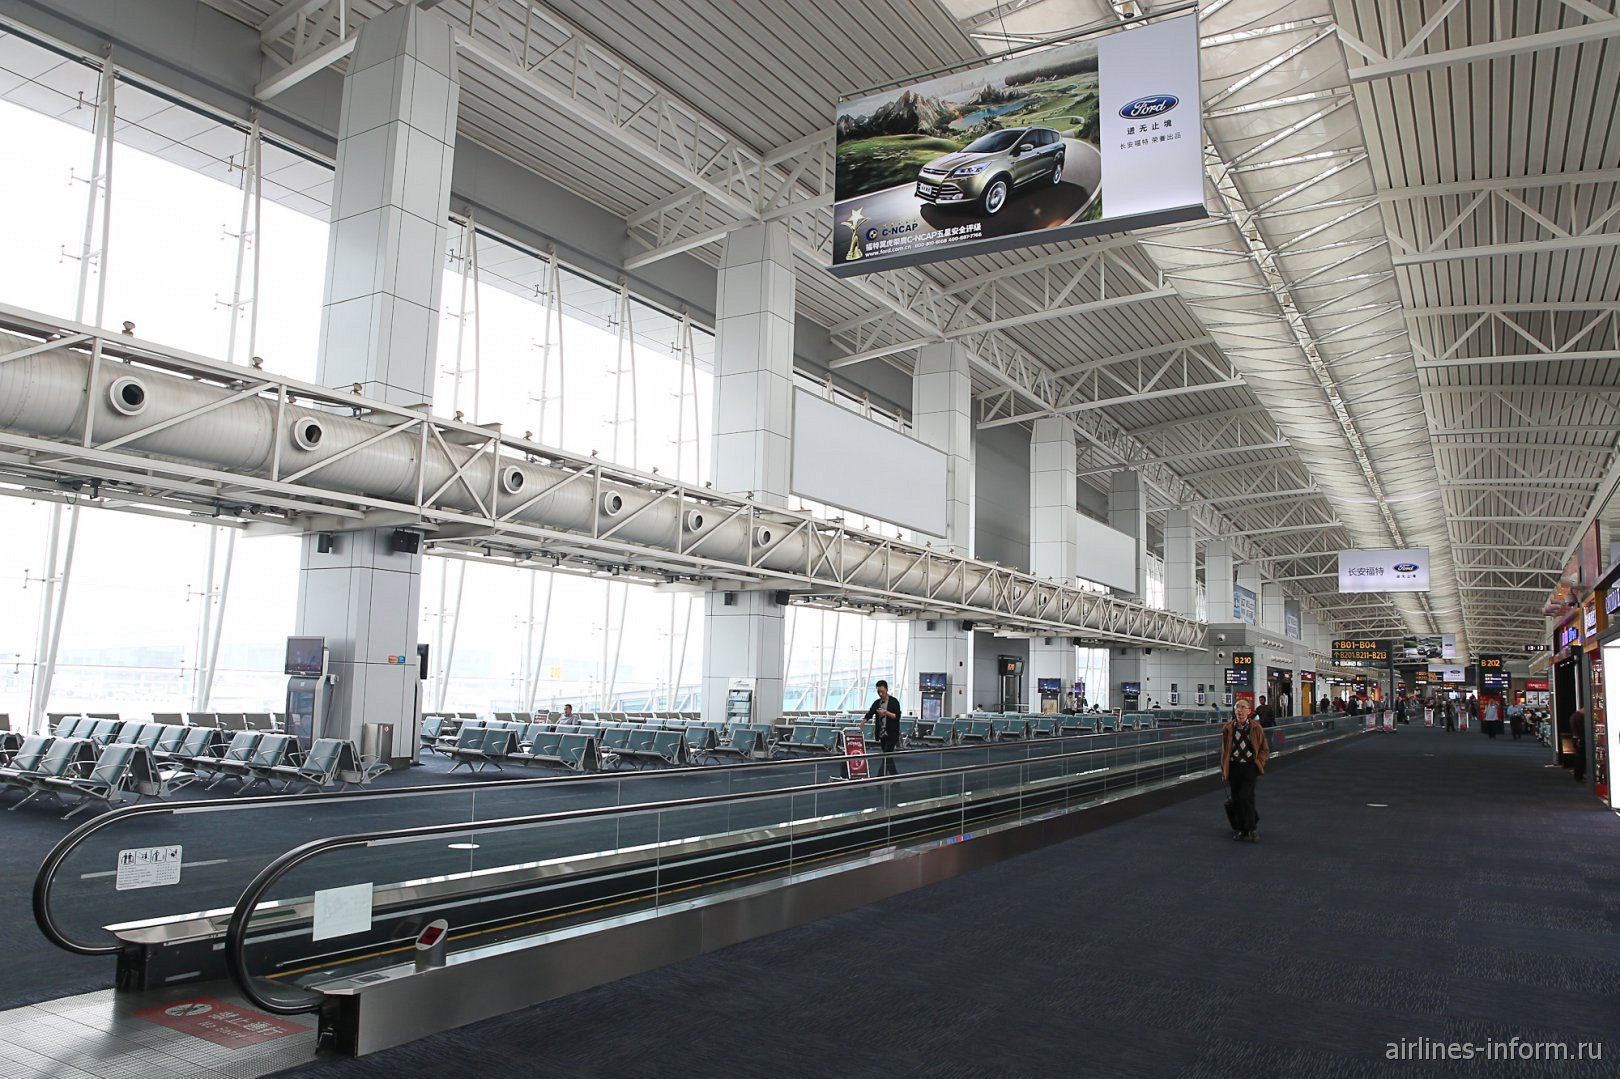 В зоне вылетов внутренних рейсов аэропорта Гуанчжоу Байюнь